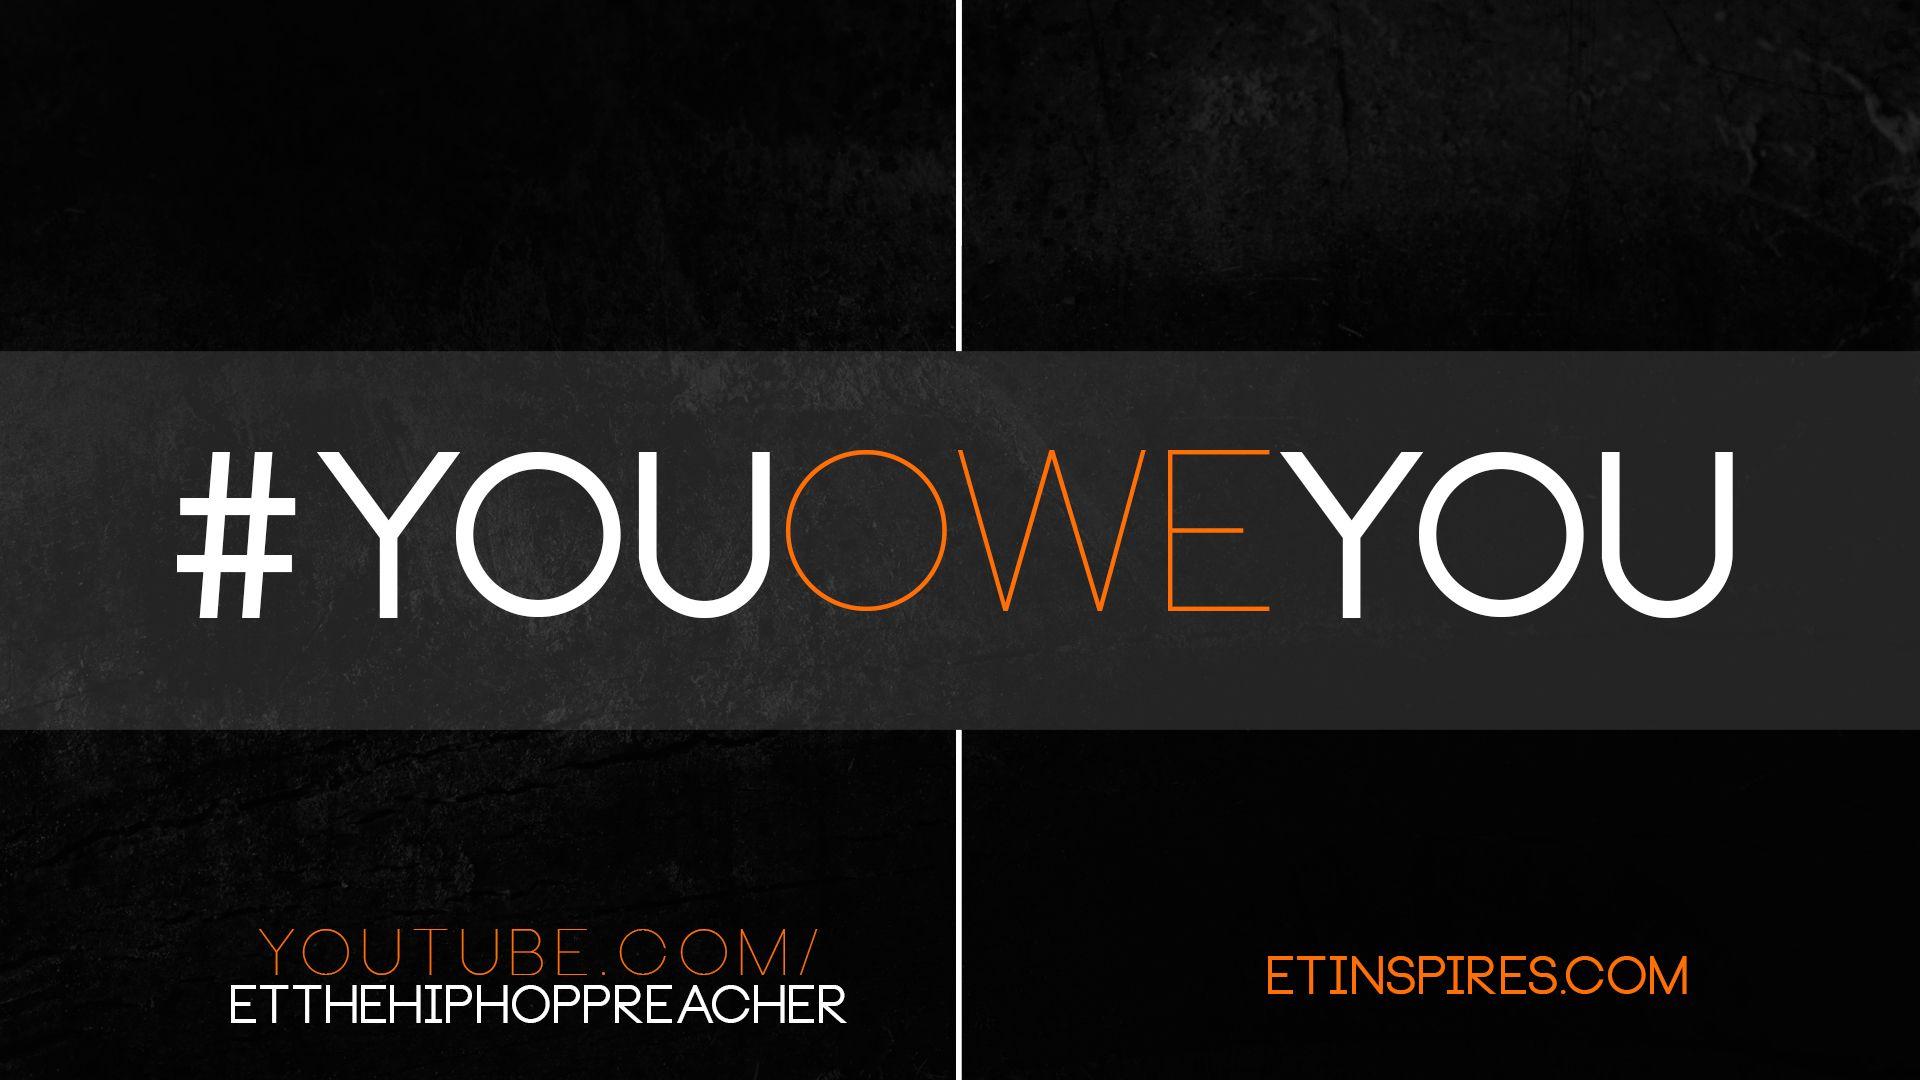 motivational speakers like eric thomas